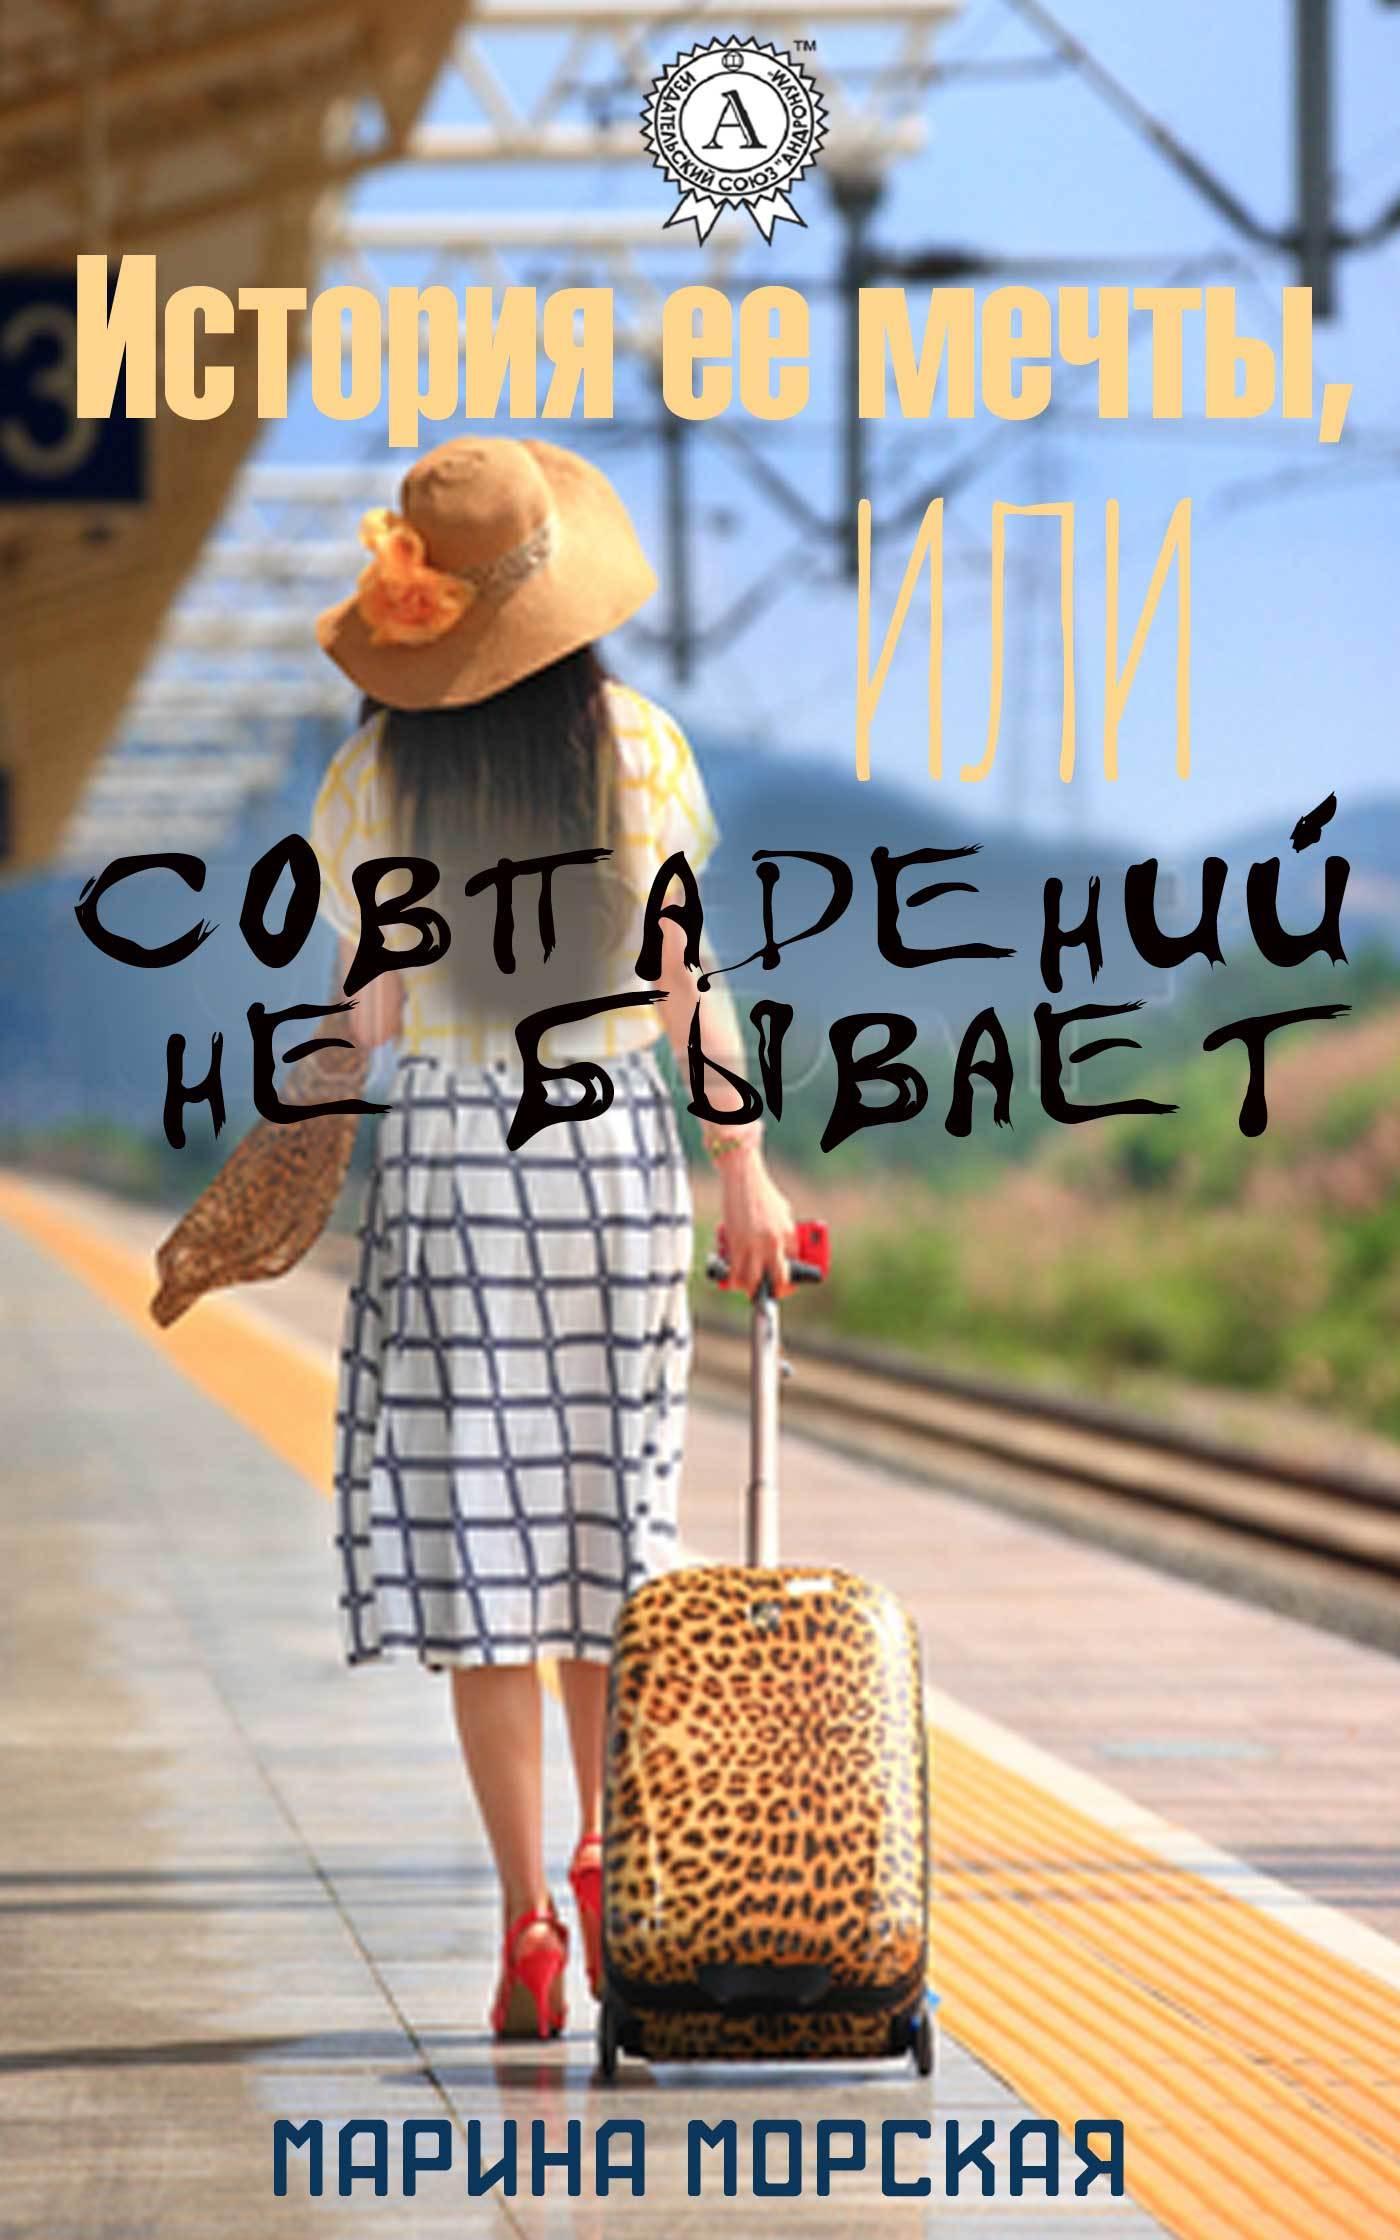 Марина Морская - История ее мечты, или Совпадений не бывает